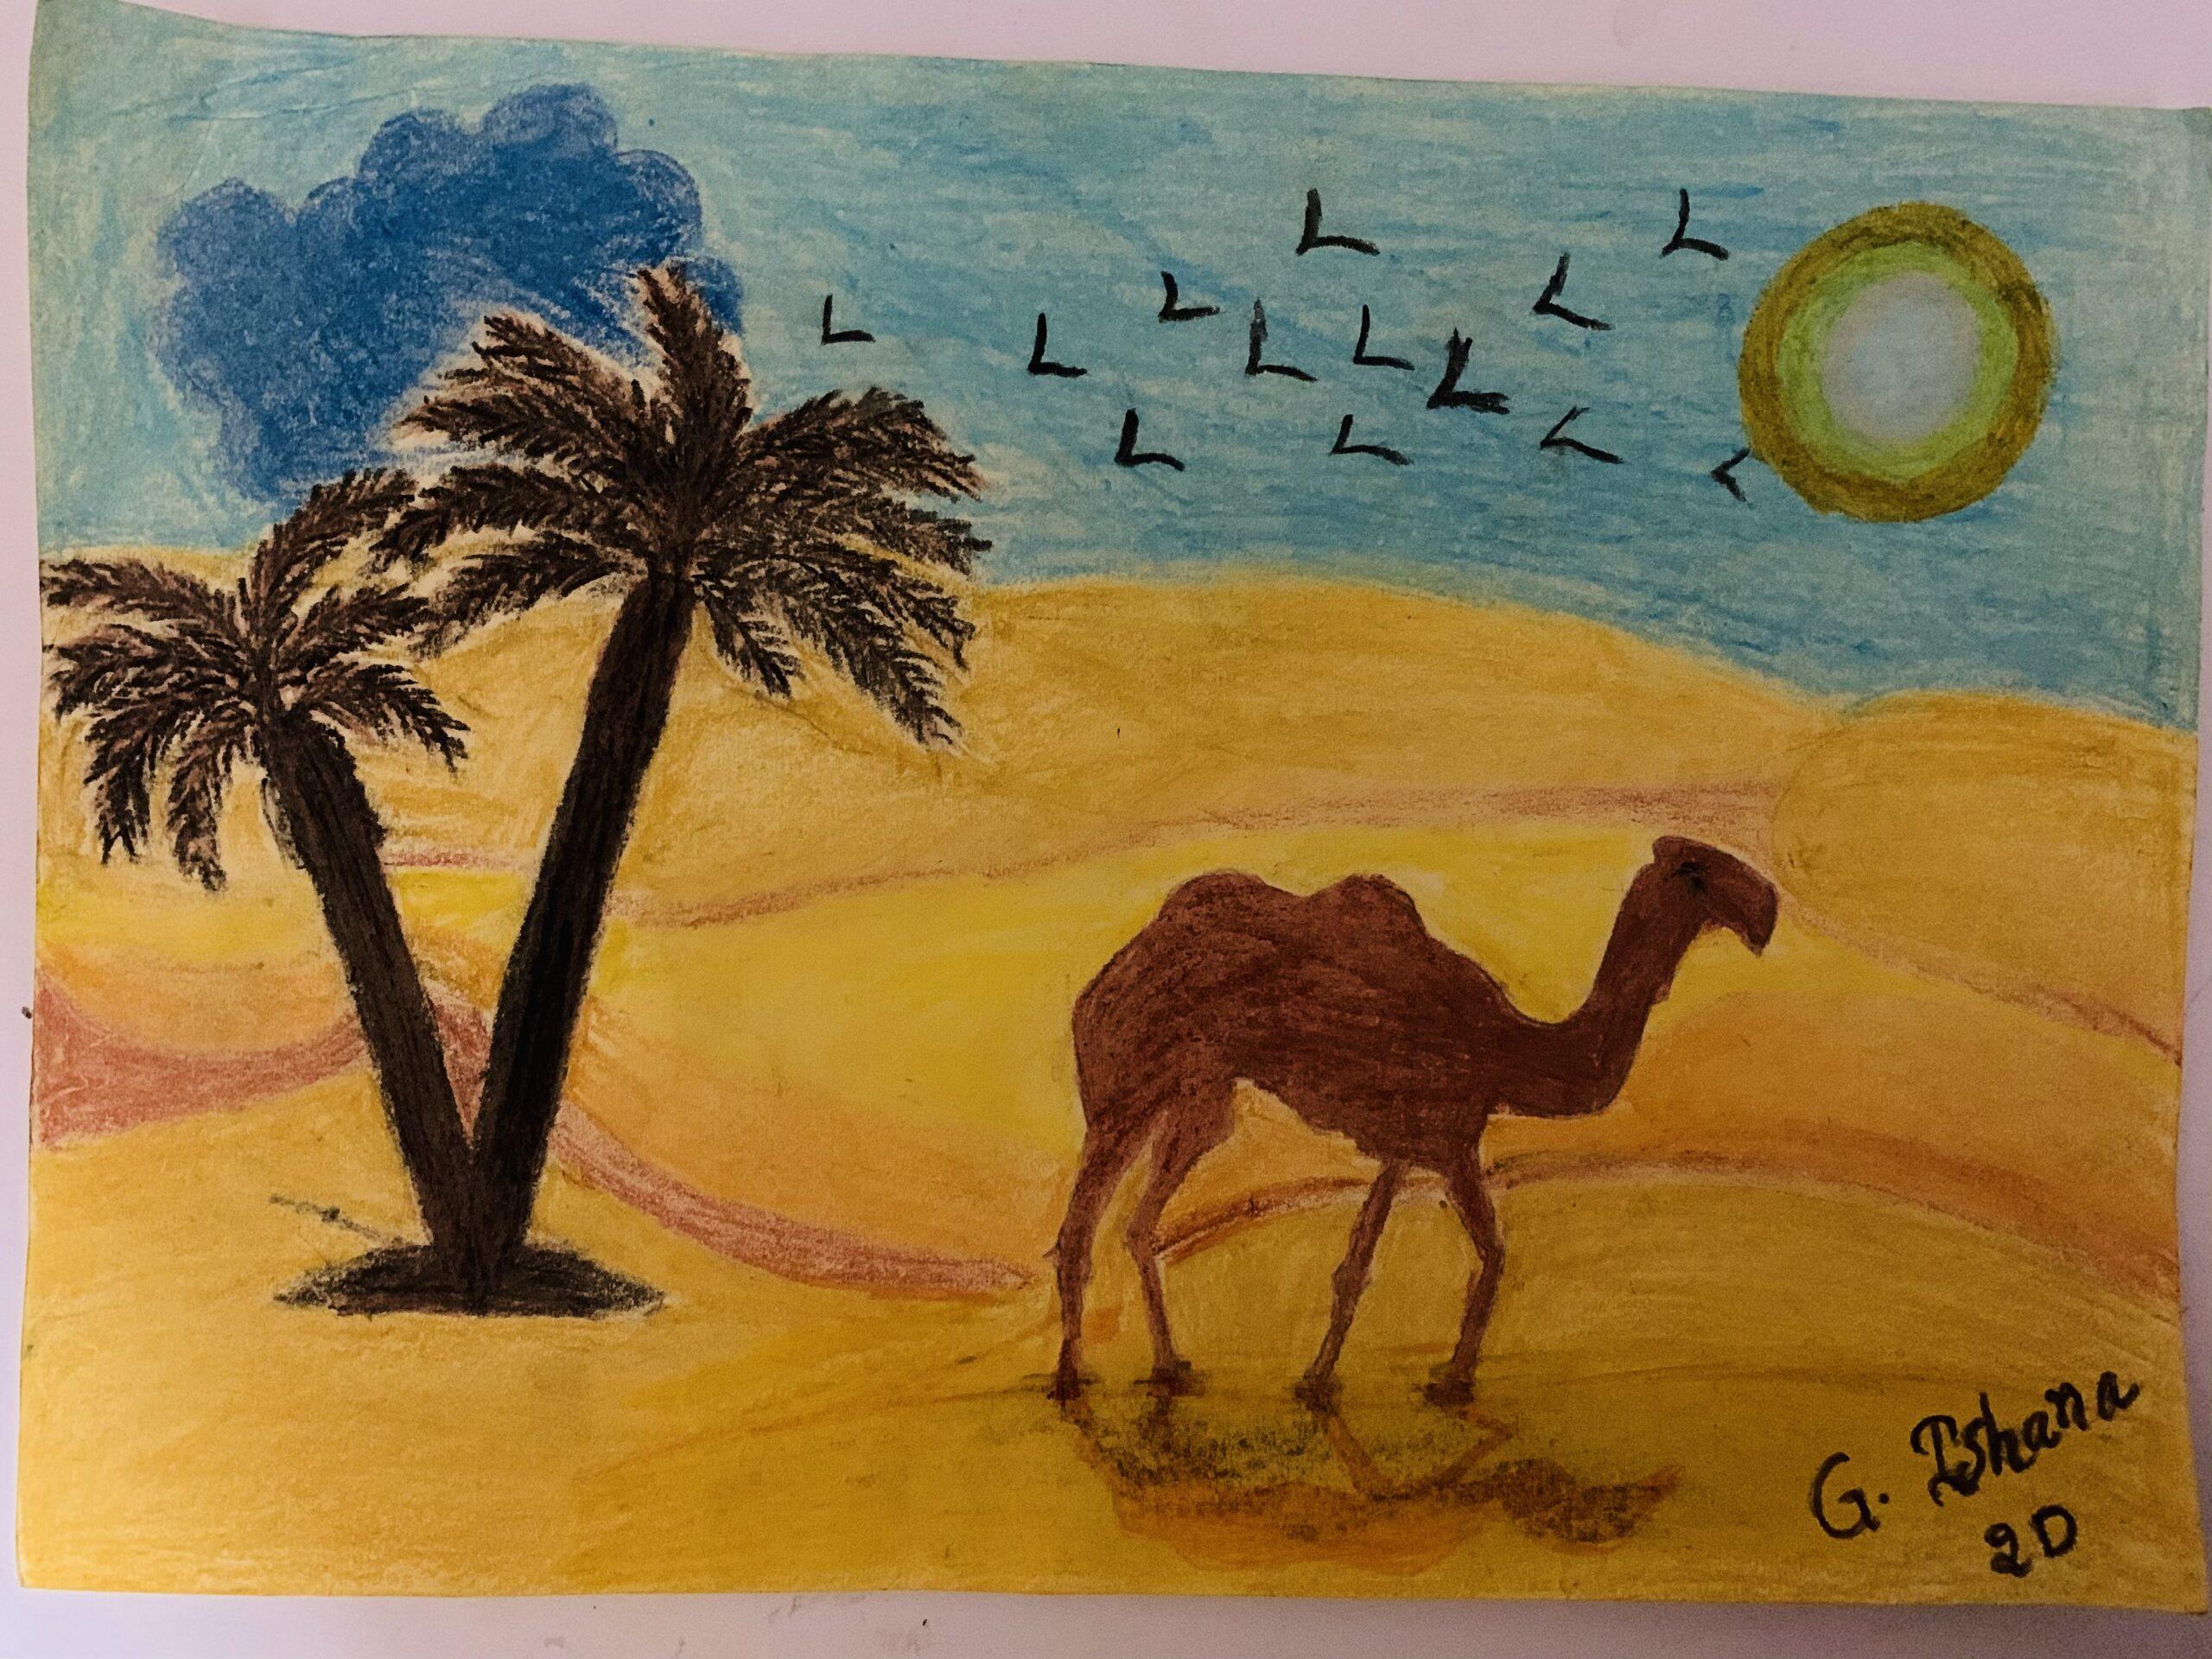 UAE Desert Sunset by Ishana Gaddam